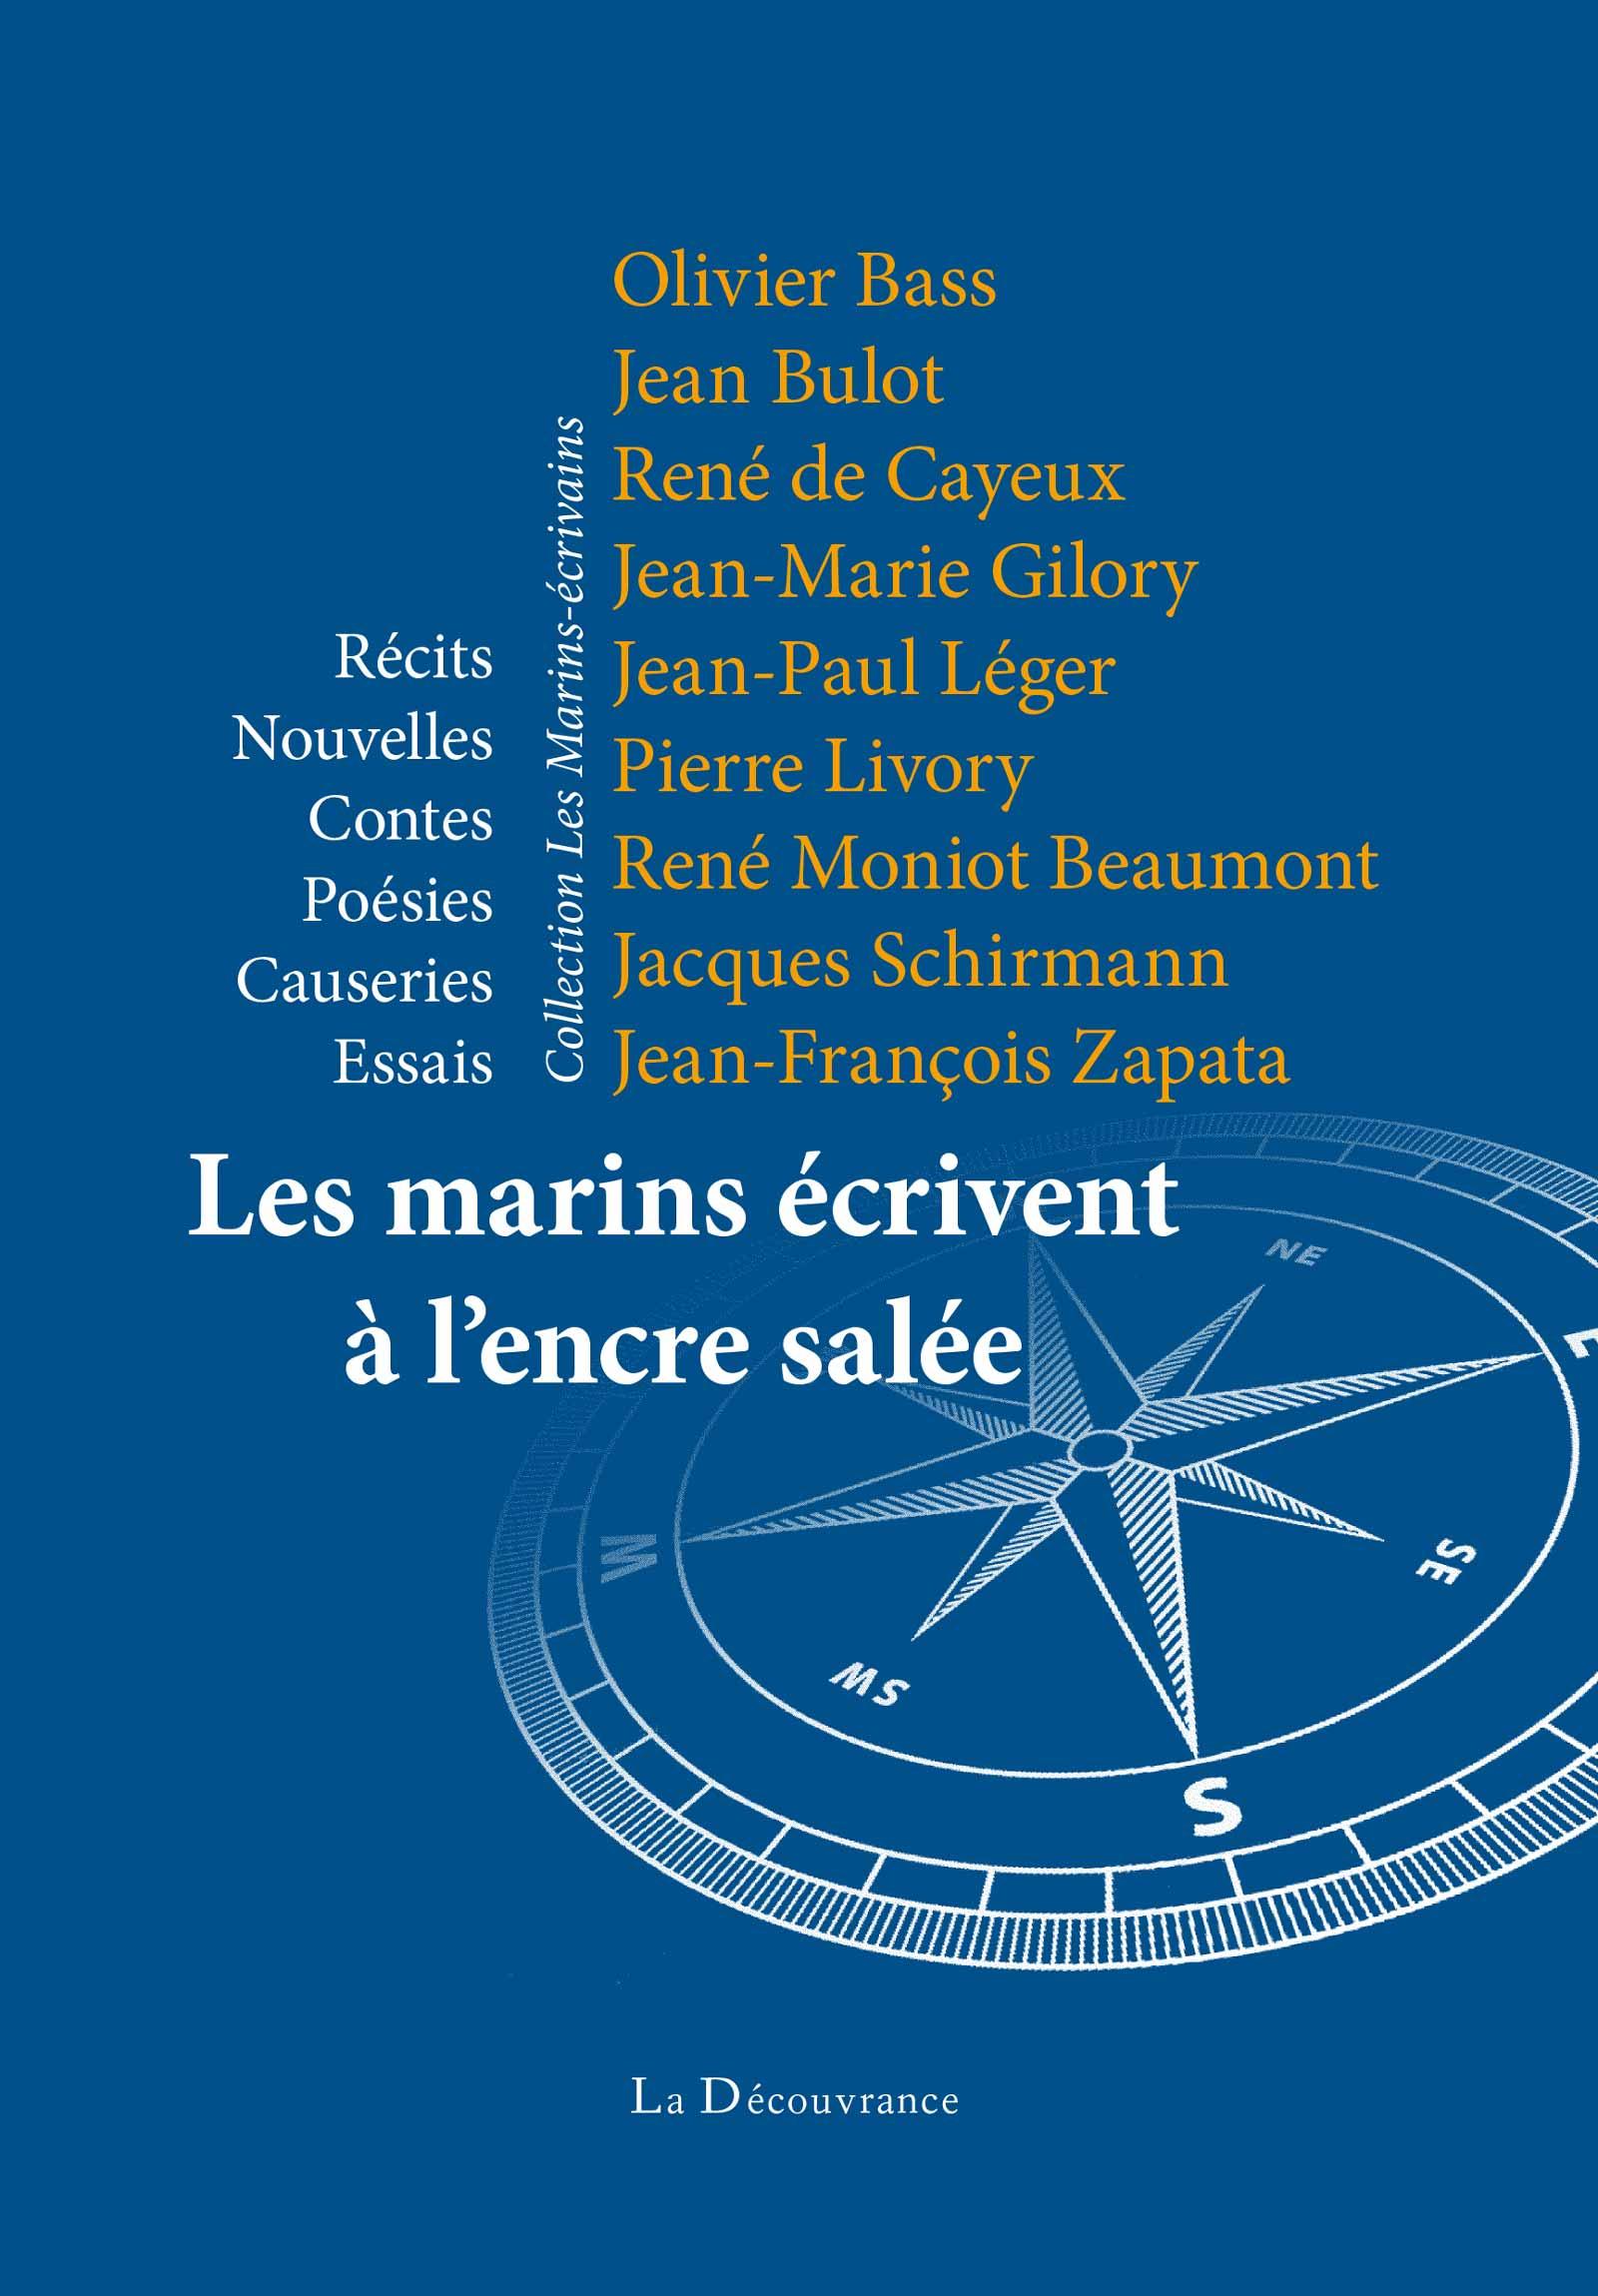 Les marins écrivent à l'encre salée